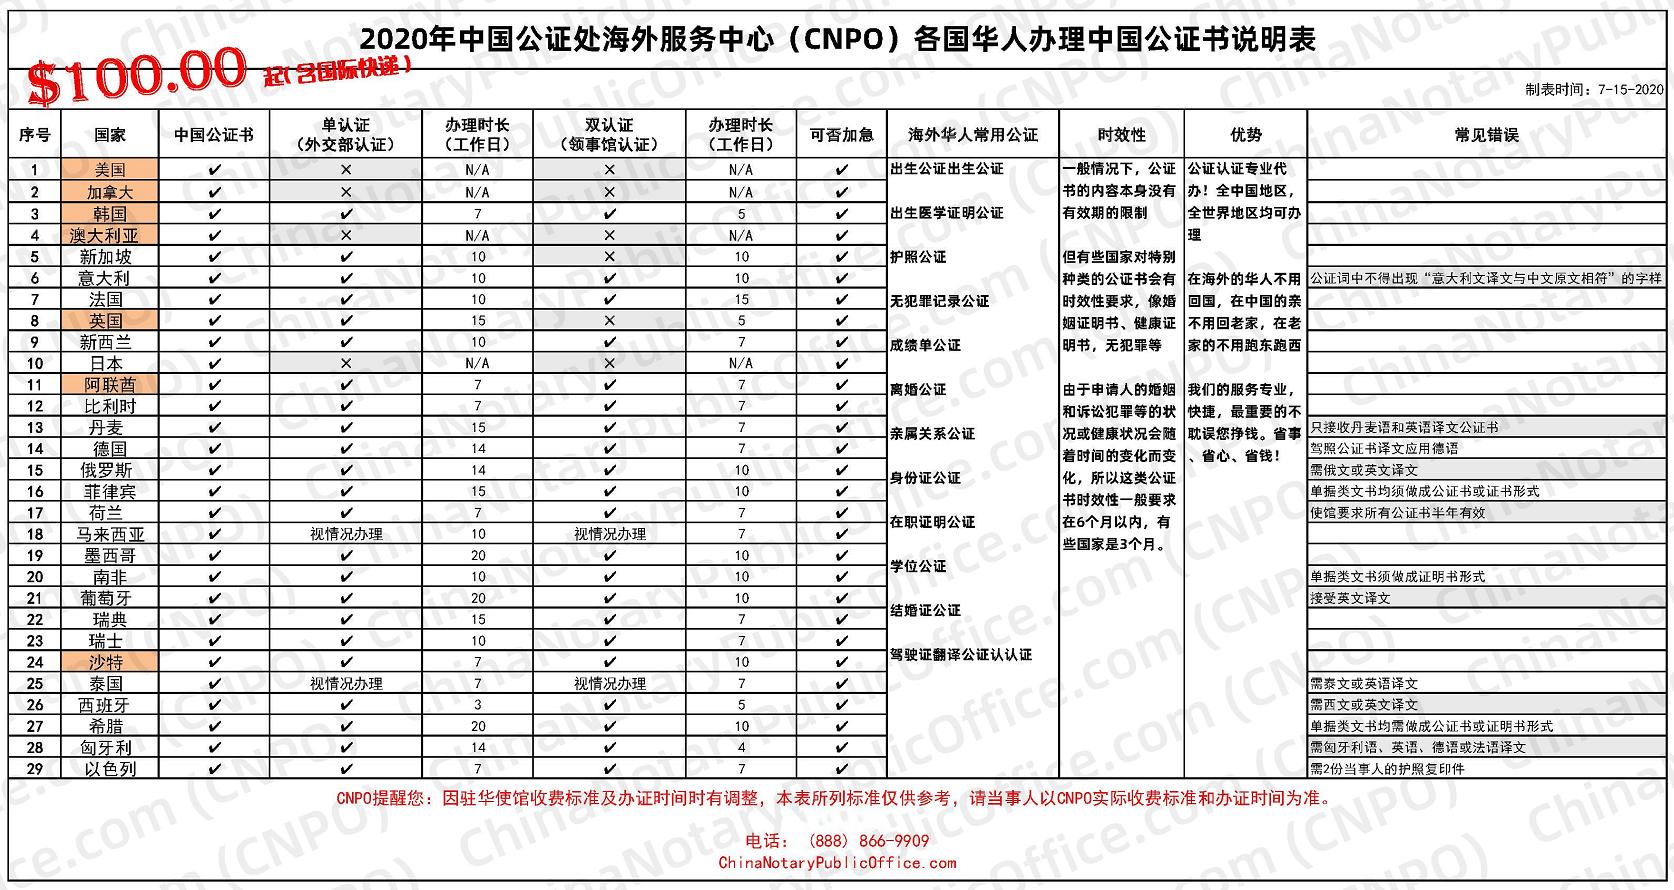 海外办理中国公证书说明表